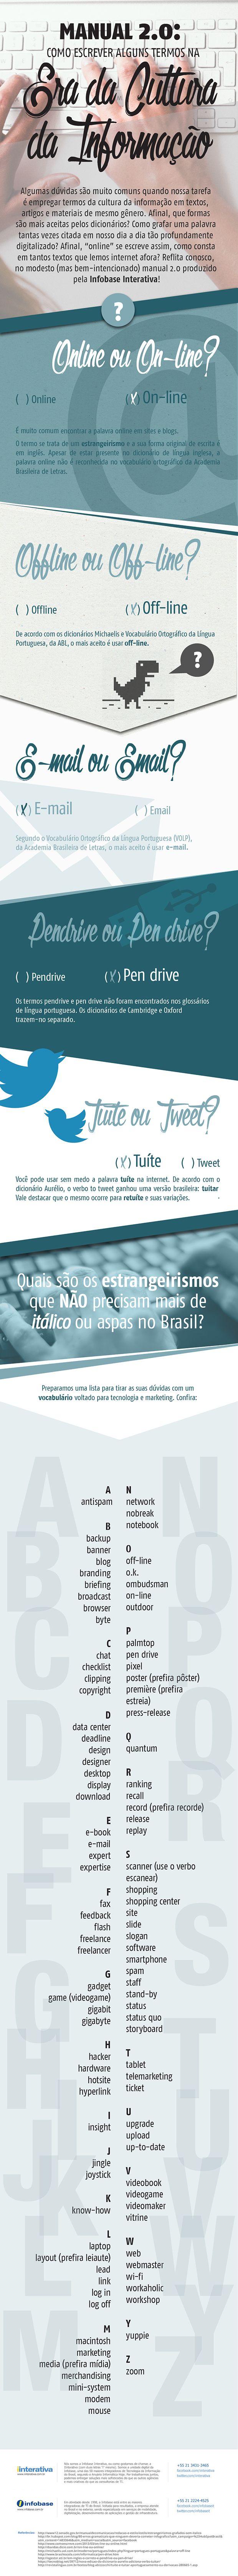 Online ou On-line? Infográfico traz uso adequado de expressões da cultura digital;